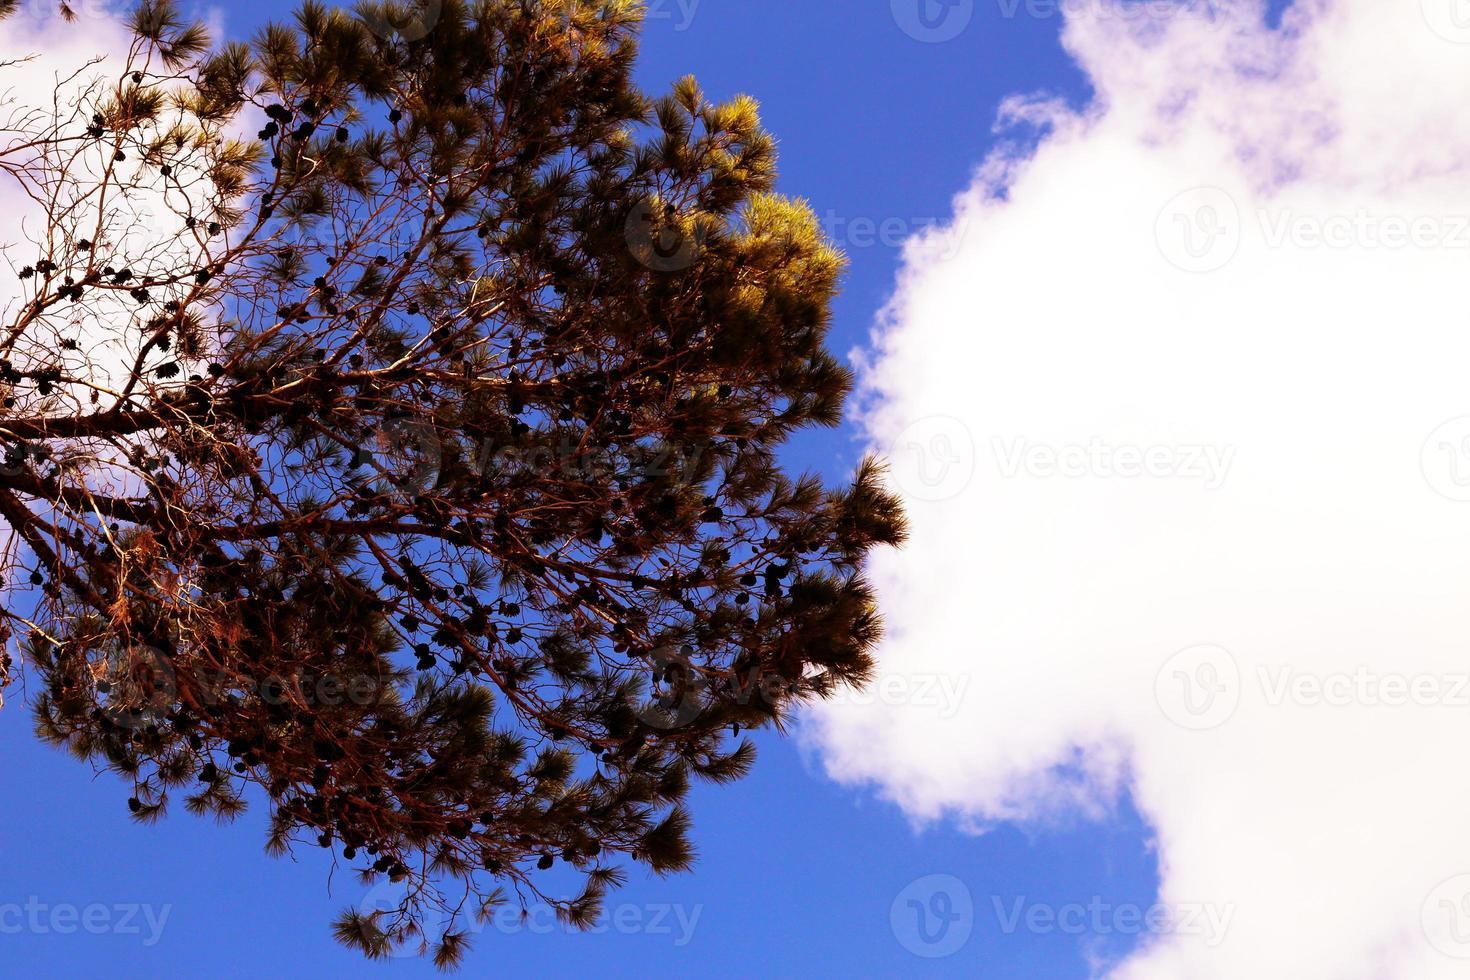 onderaanzicht van een rode boom met wolken en blauwe lucht op de achtergrond foto